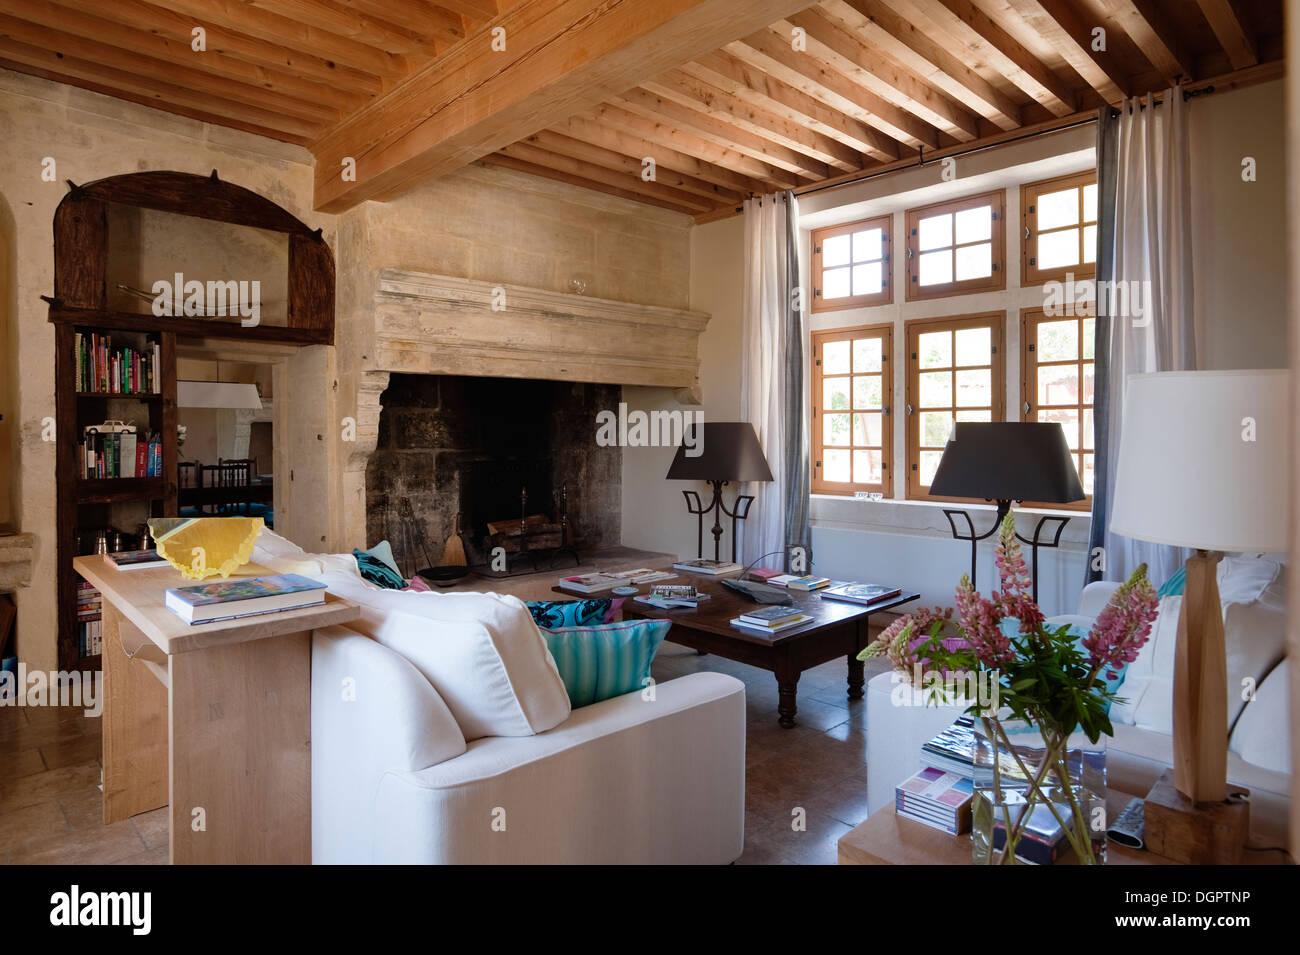 Holz Strahlte Decke Im Wohnzimmer Mit Offenem Kamin Die Weisse Gerippte Sofas Sind Aus Heals